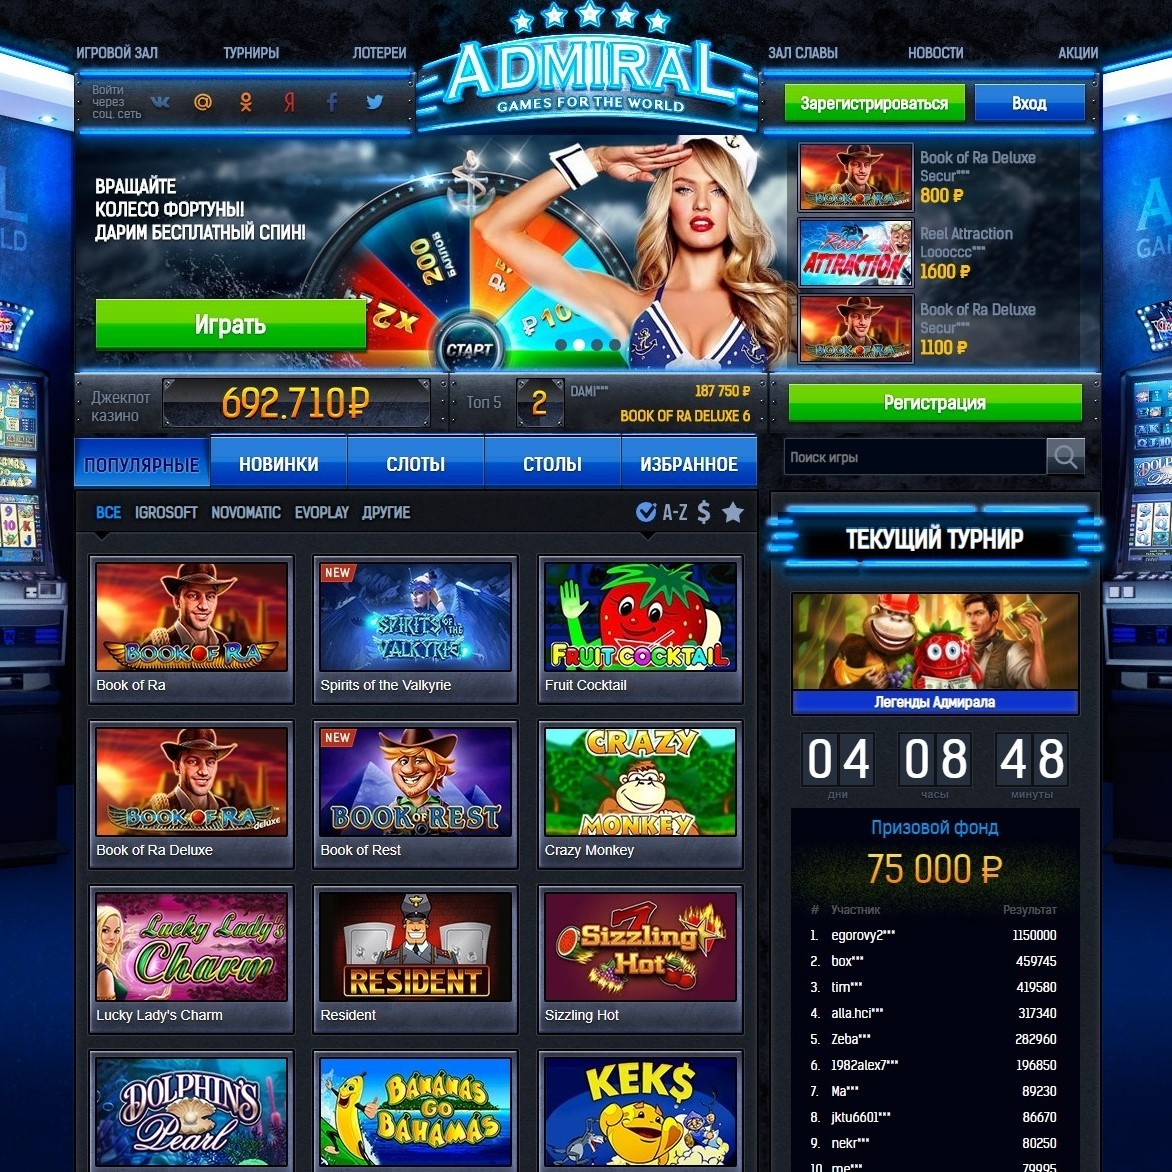 Игровые автоматы играть бесплатно и без регистрации свиньи копилка герой войны и денег онлайн рулетка